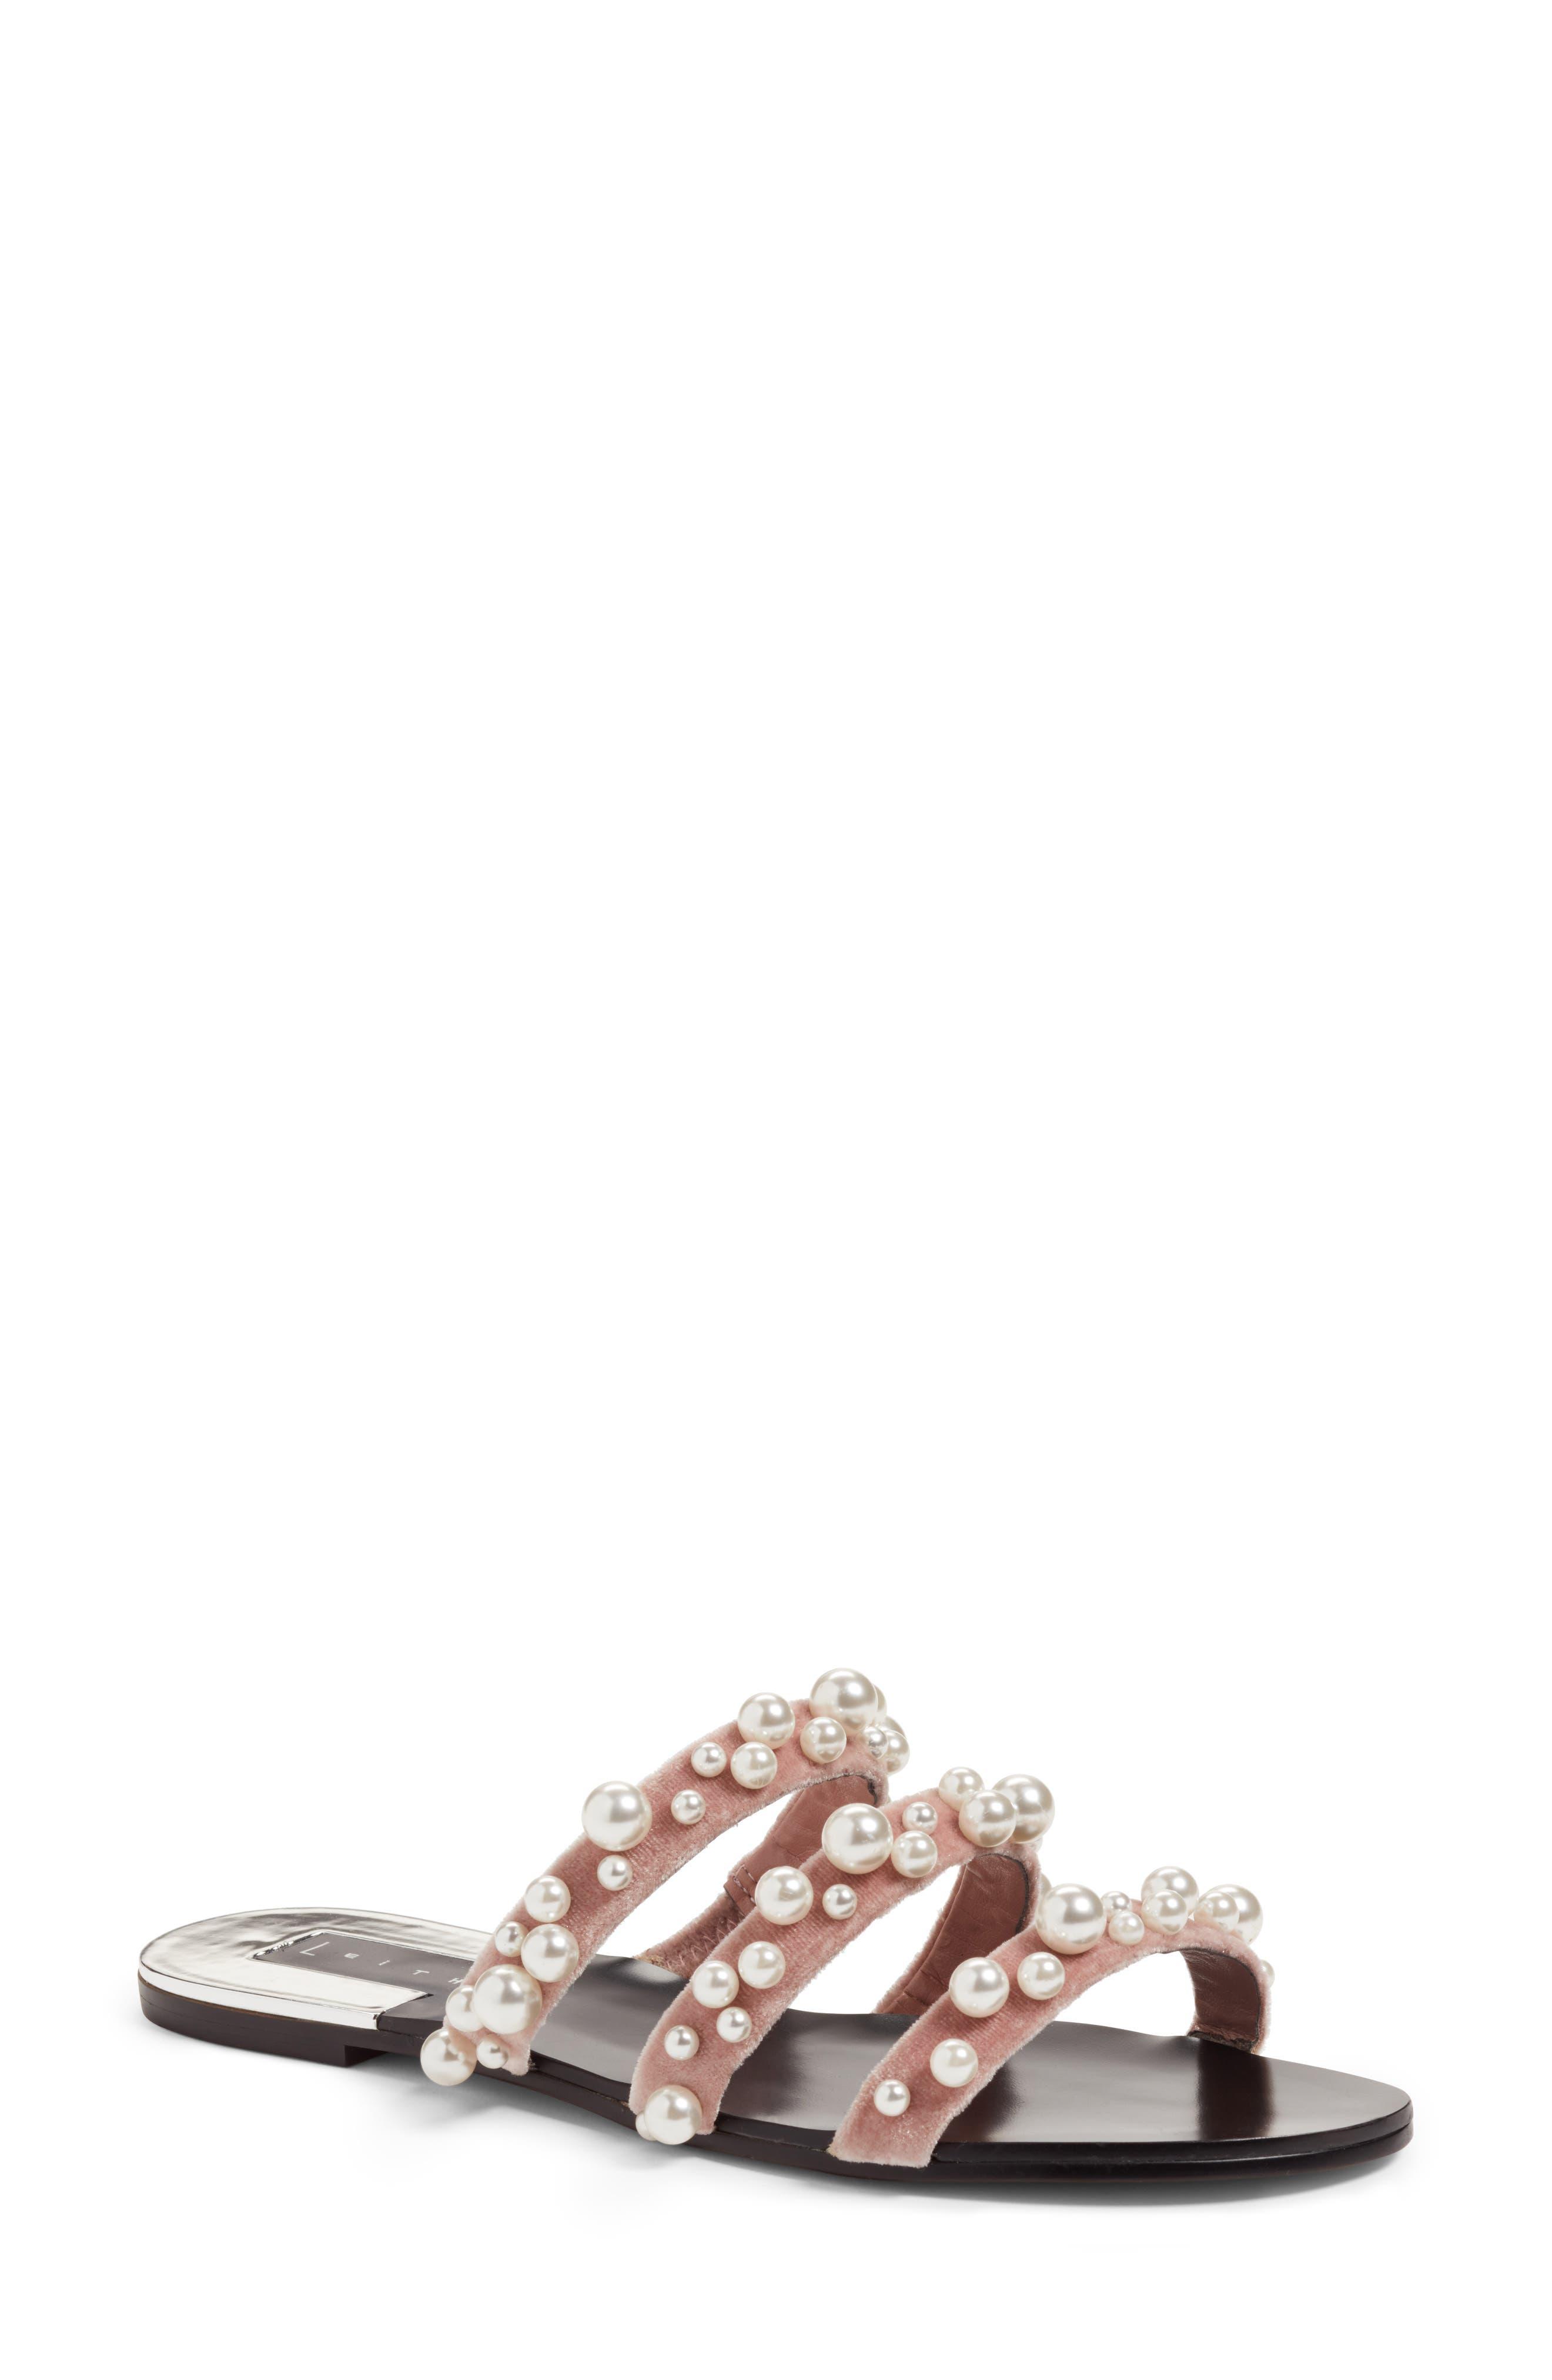 Cheap Velvet Play Brooke Stripes Espadrille Sandals Navy for Women Sale Online